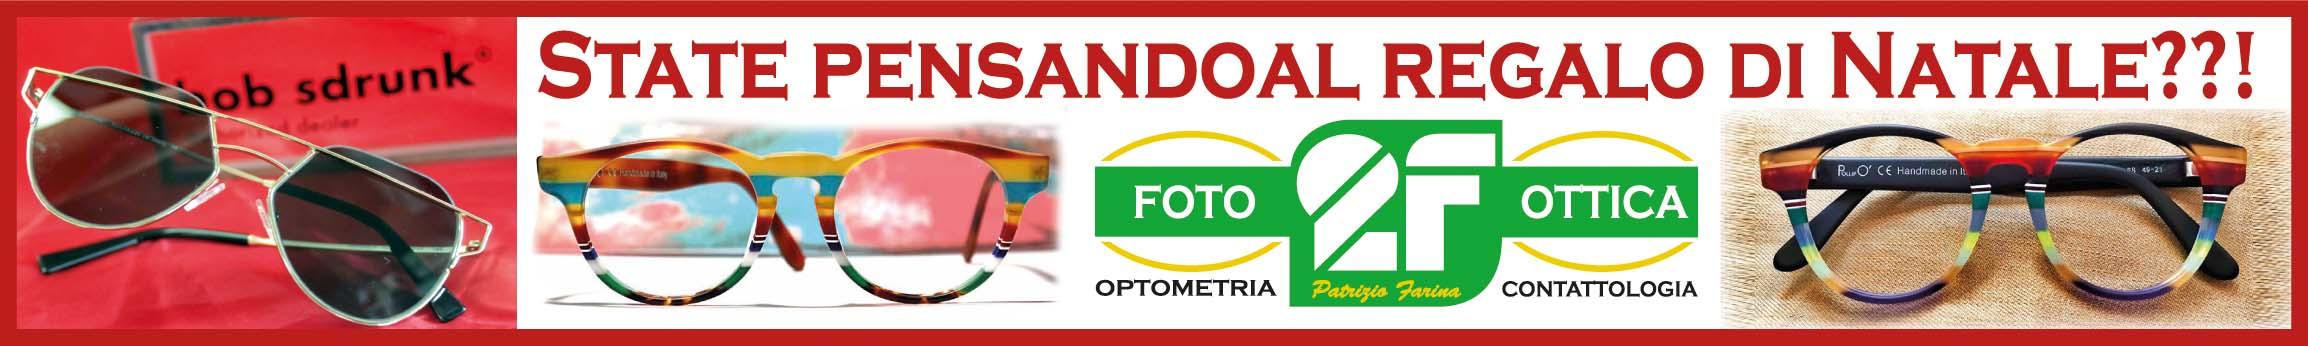 Ottica 2F